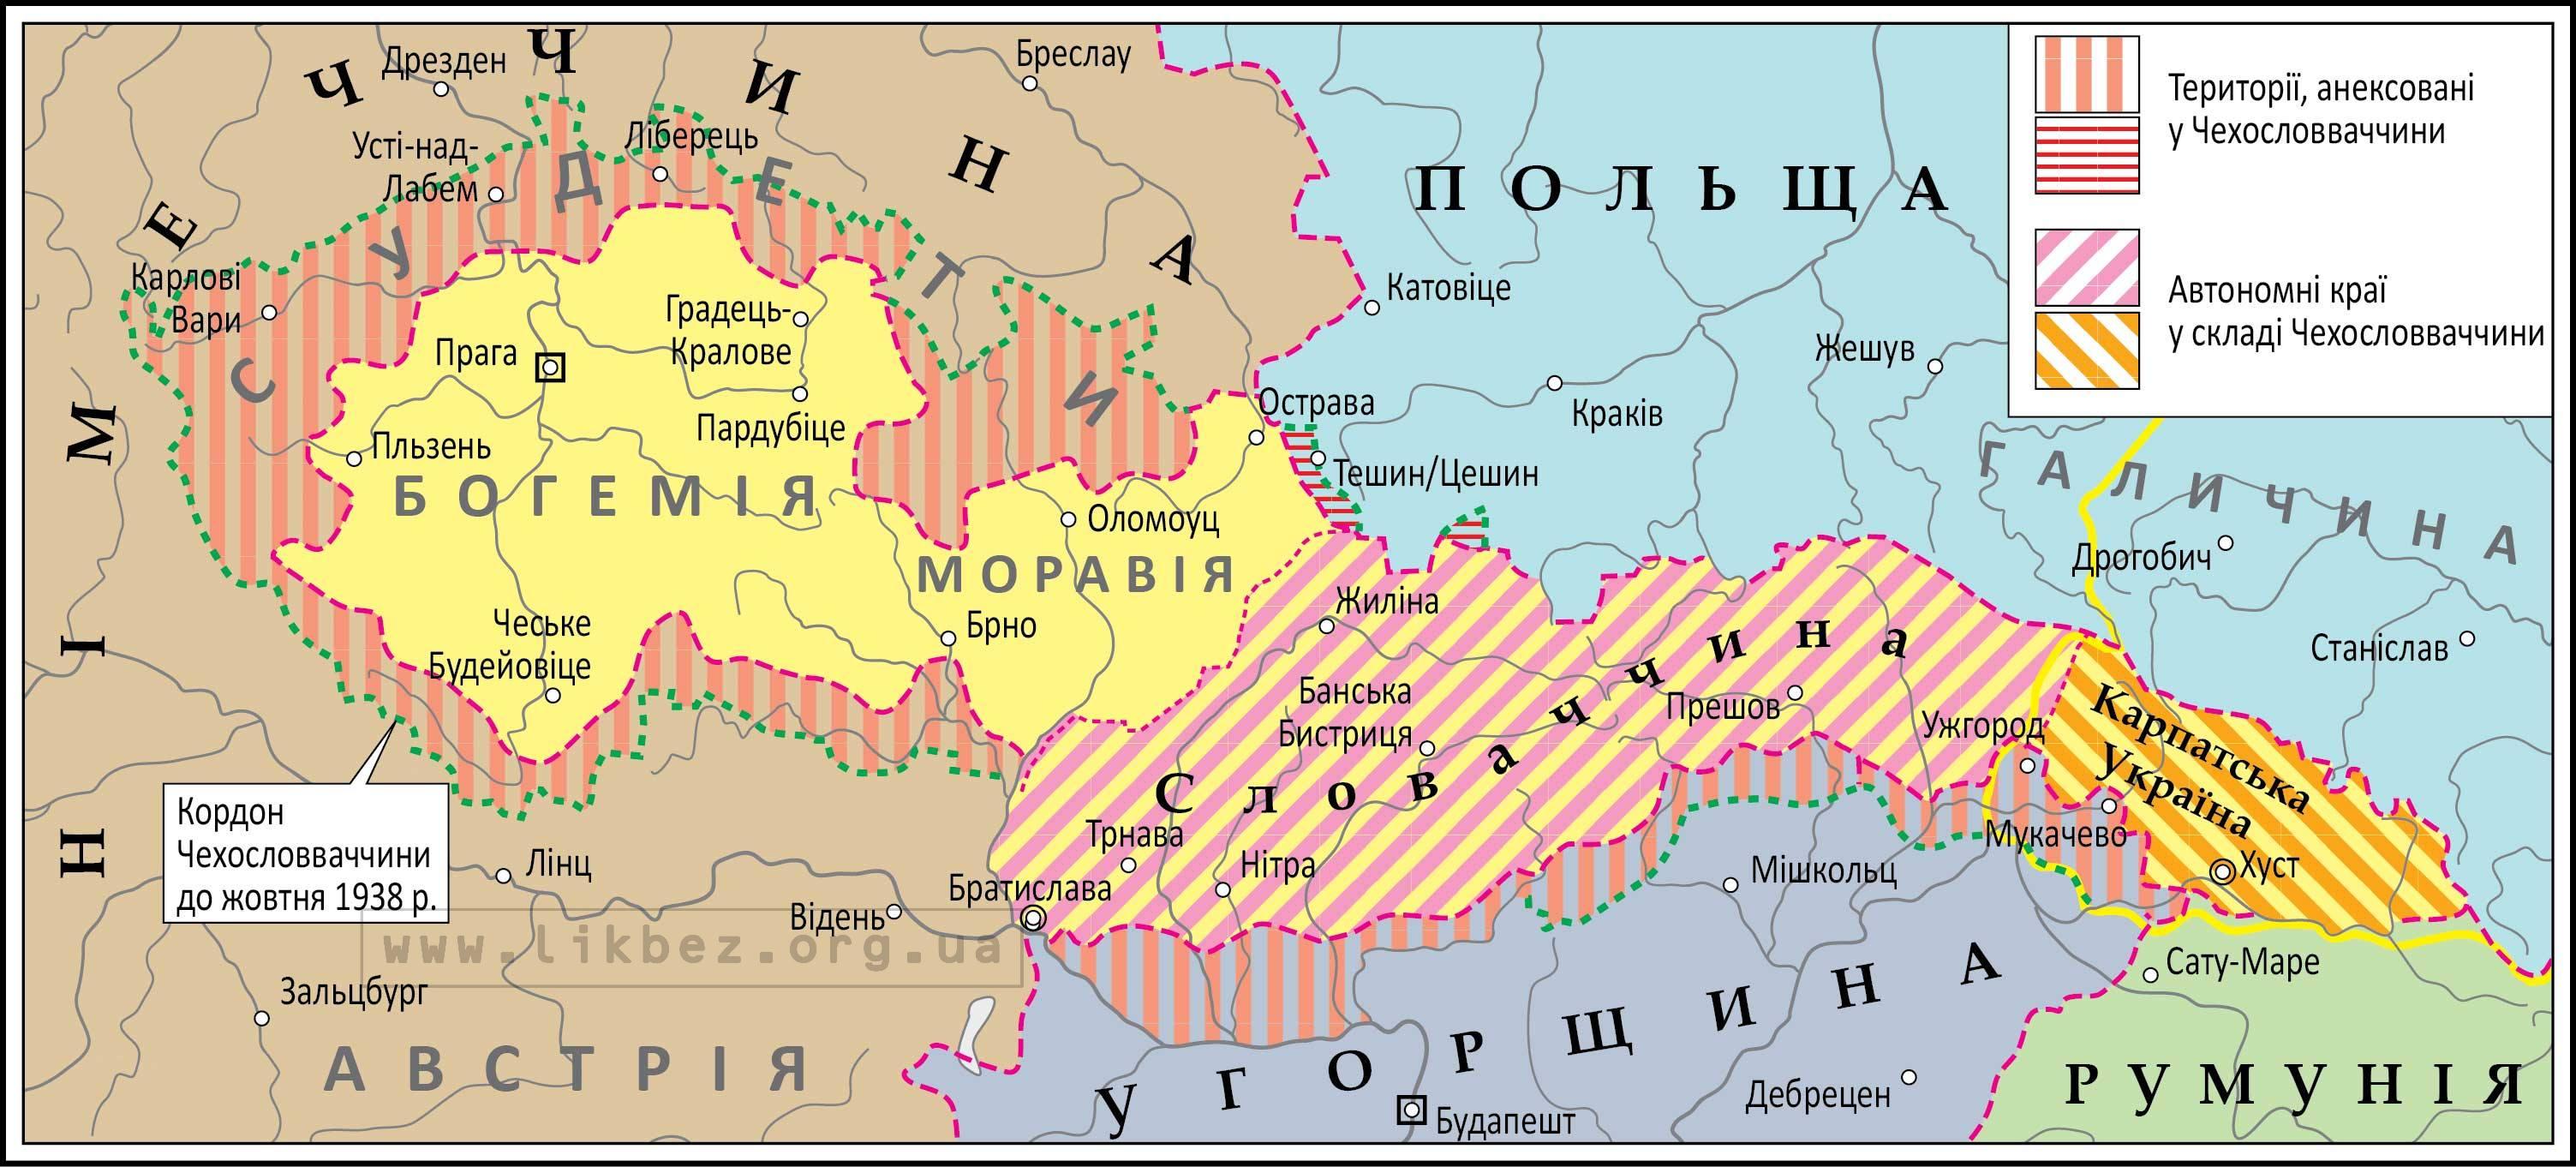 """Результат пошуку зображень за запитом """"поляки карпатська україна"""""""